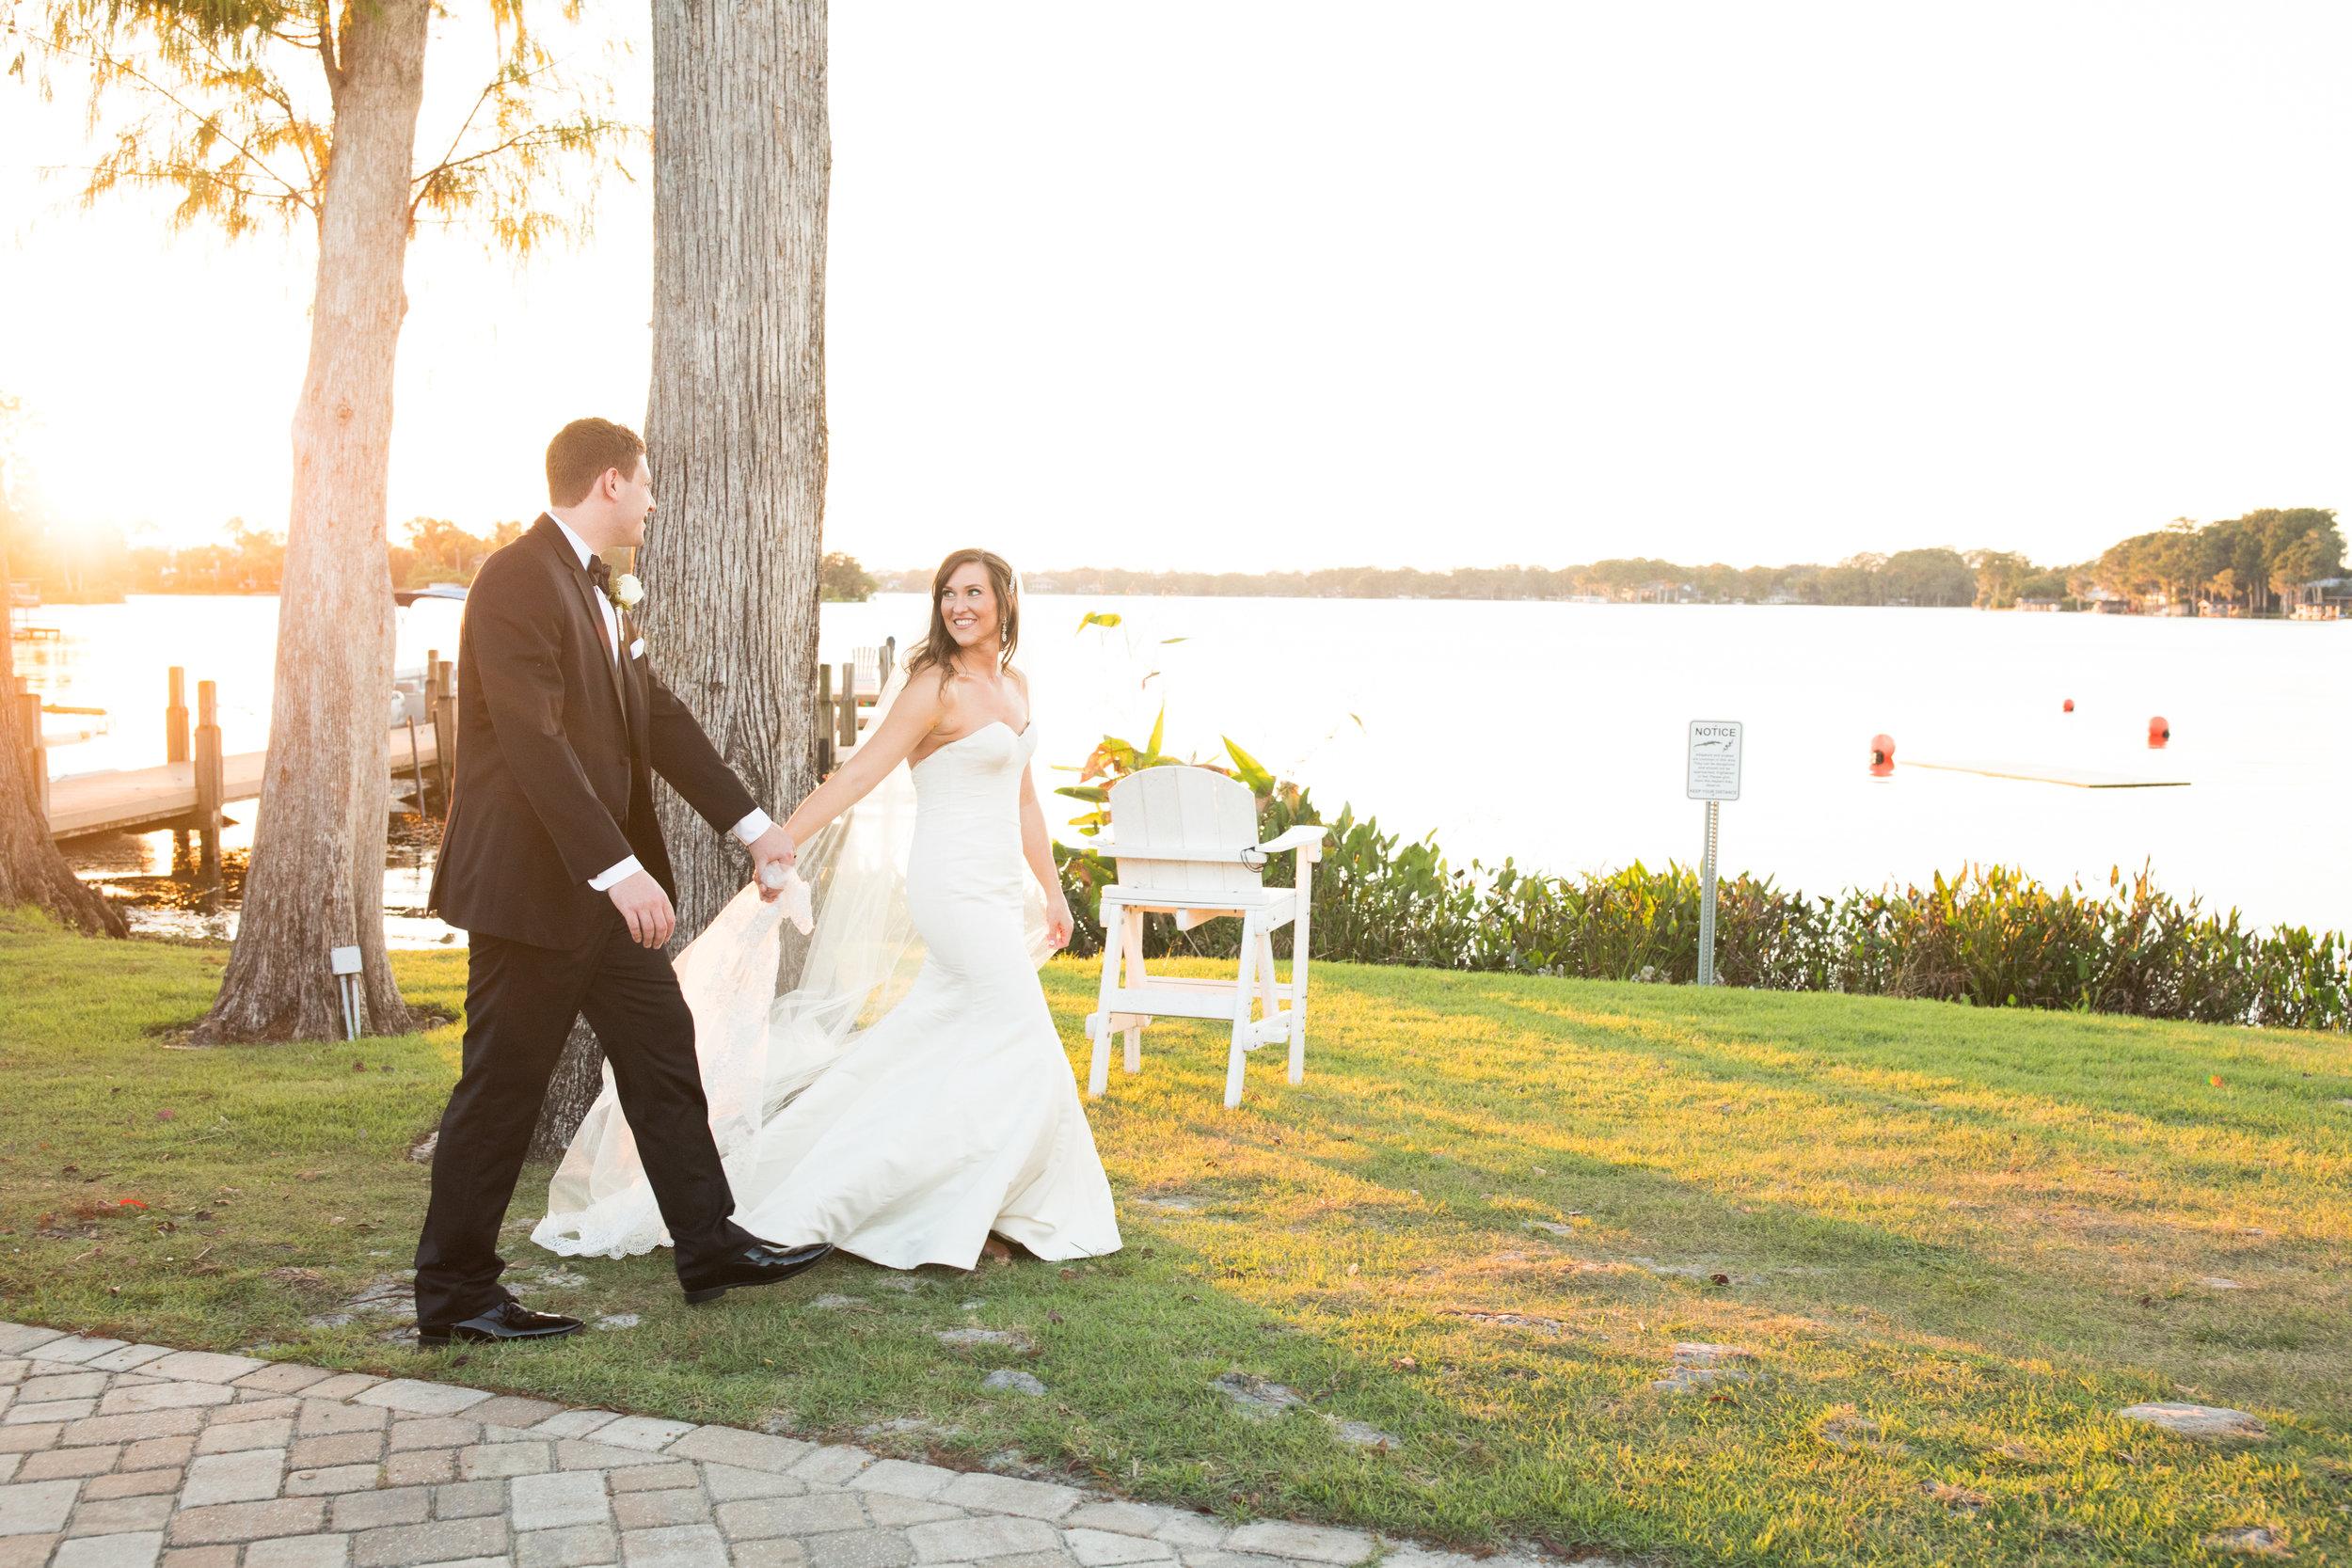 Jenn&Bryan_SneakPeek-2530.jpg